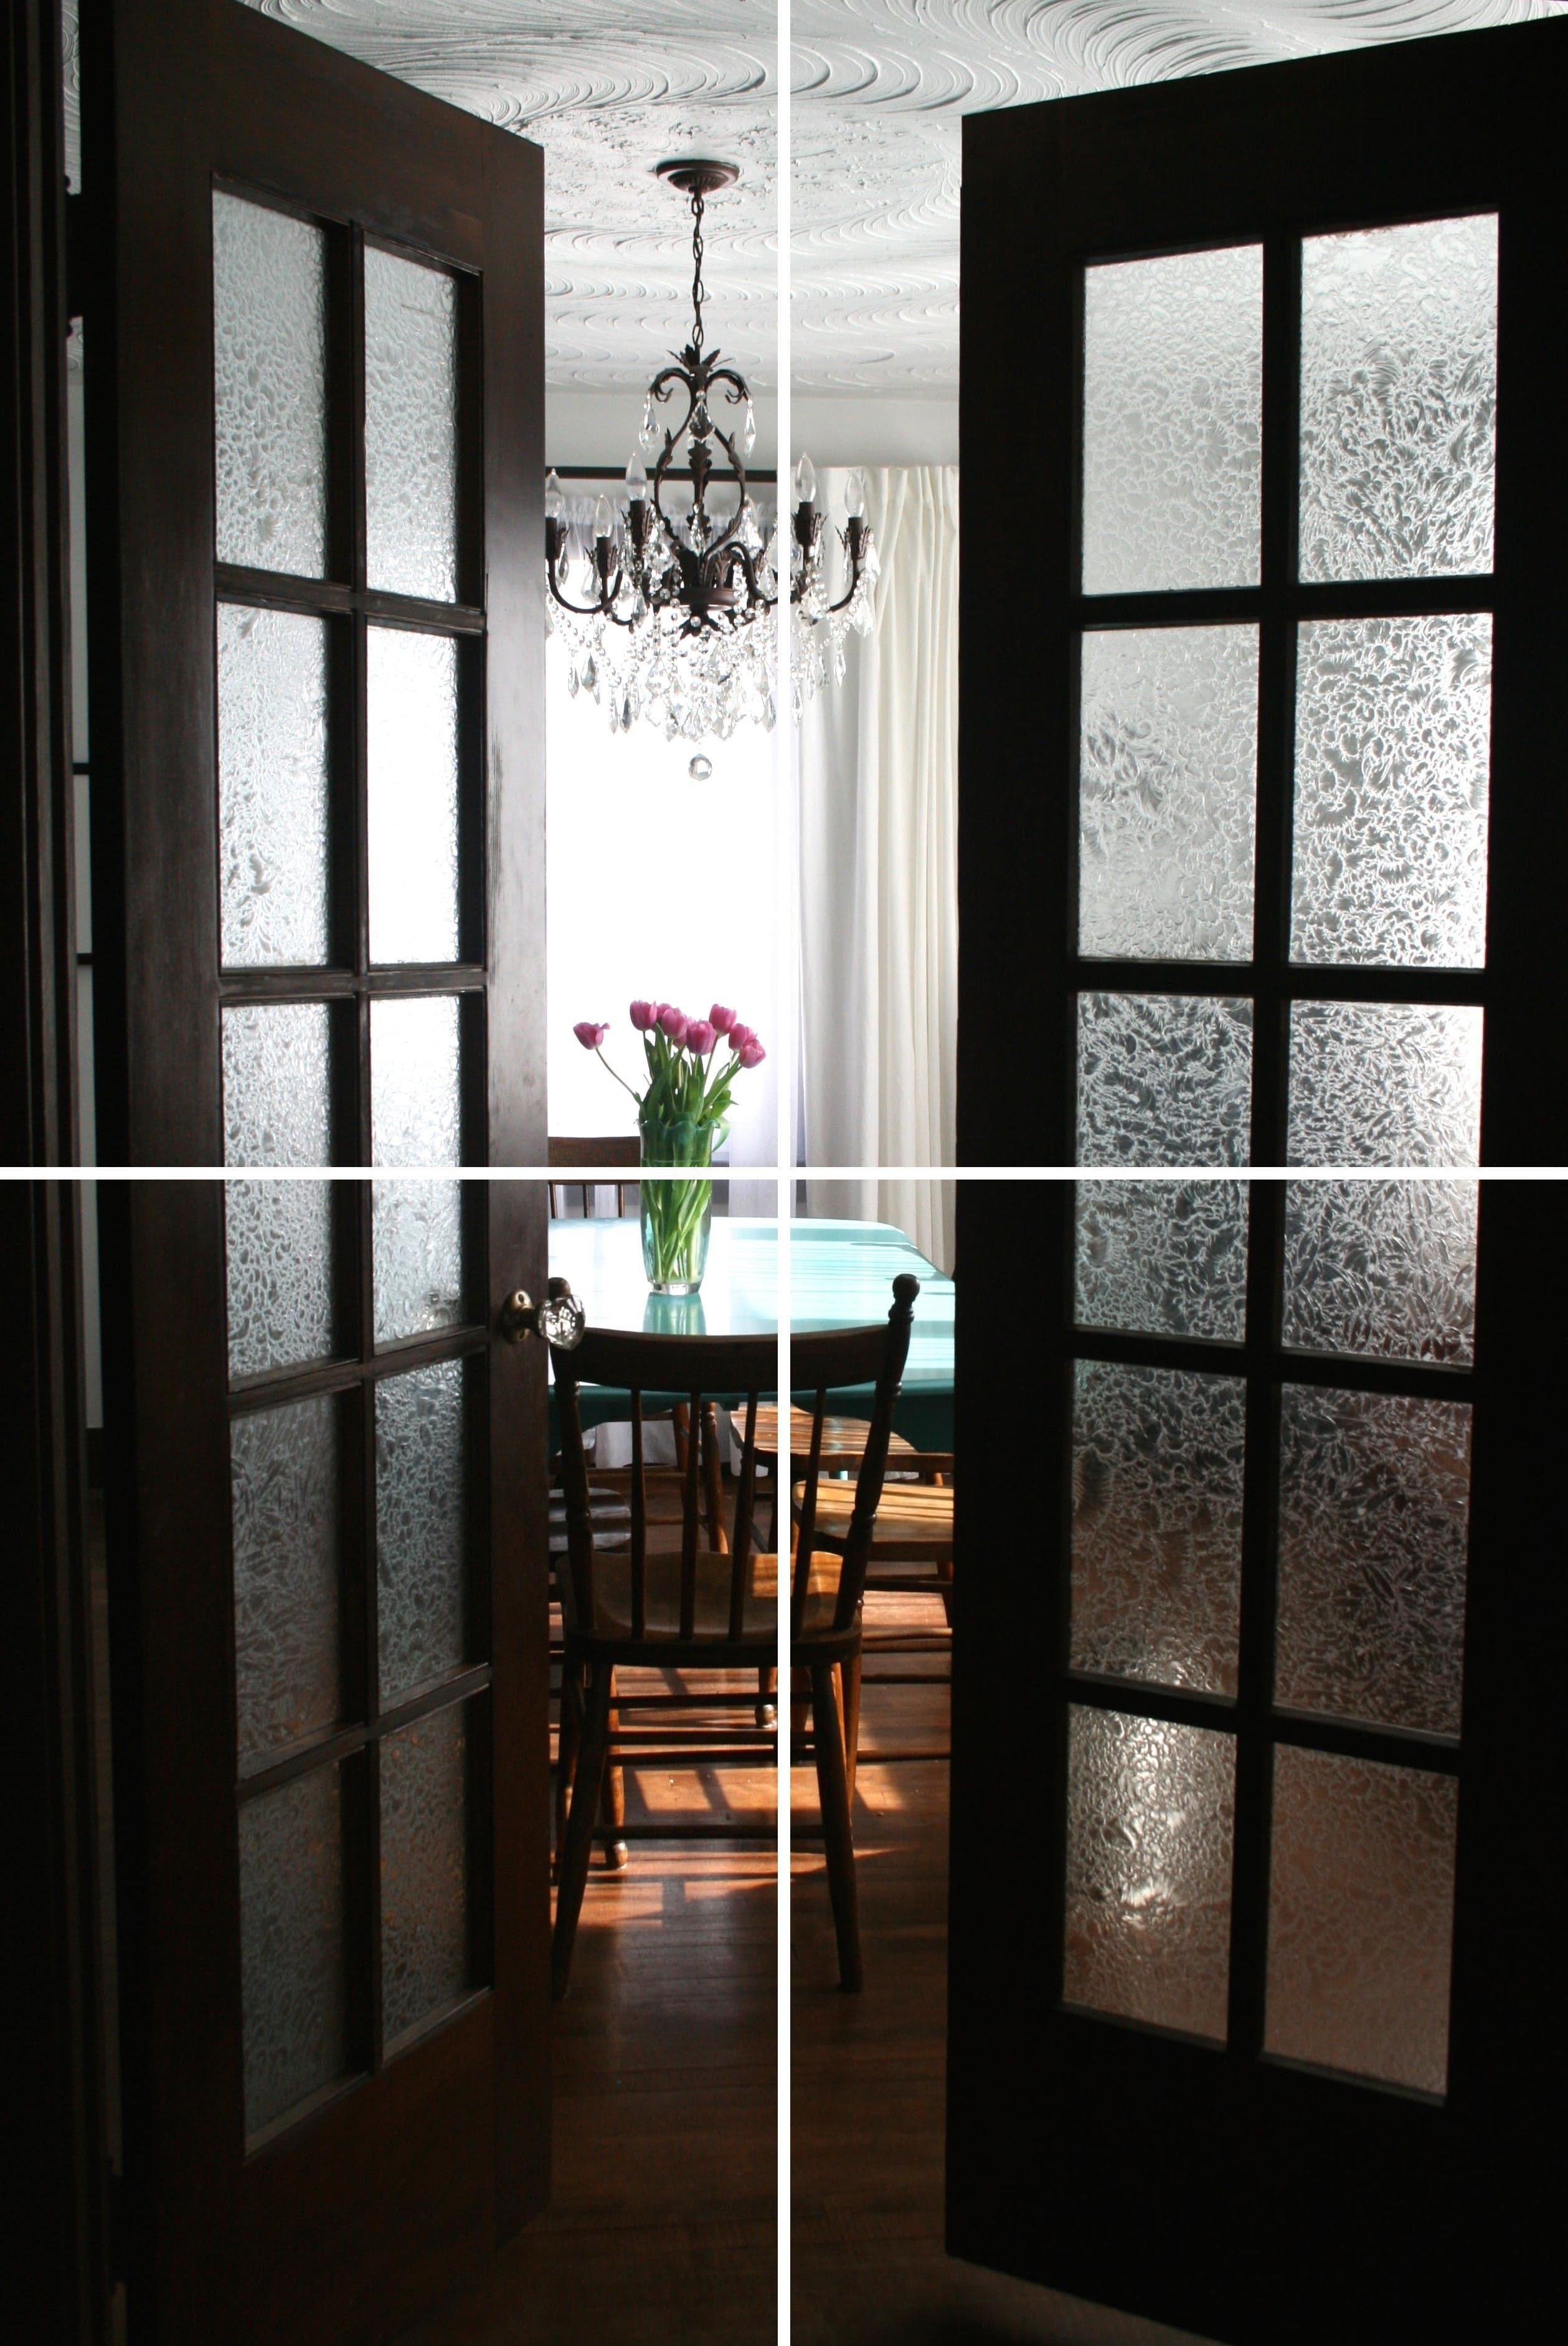 Contemporary Exterior Doors Oak Exterior Doors Metal French Doors French Door Window Treatments Door Window Treatments Window Treatments Bedroom